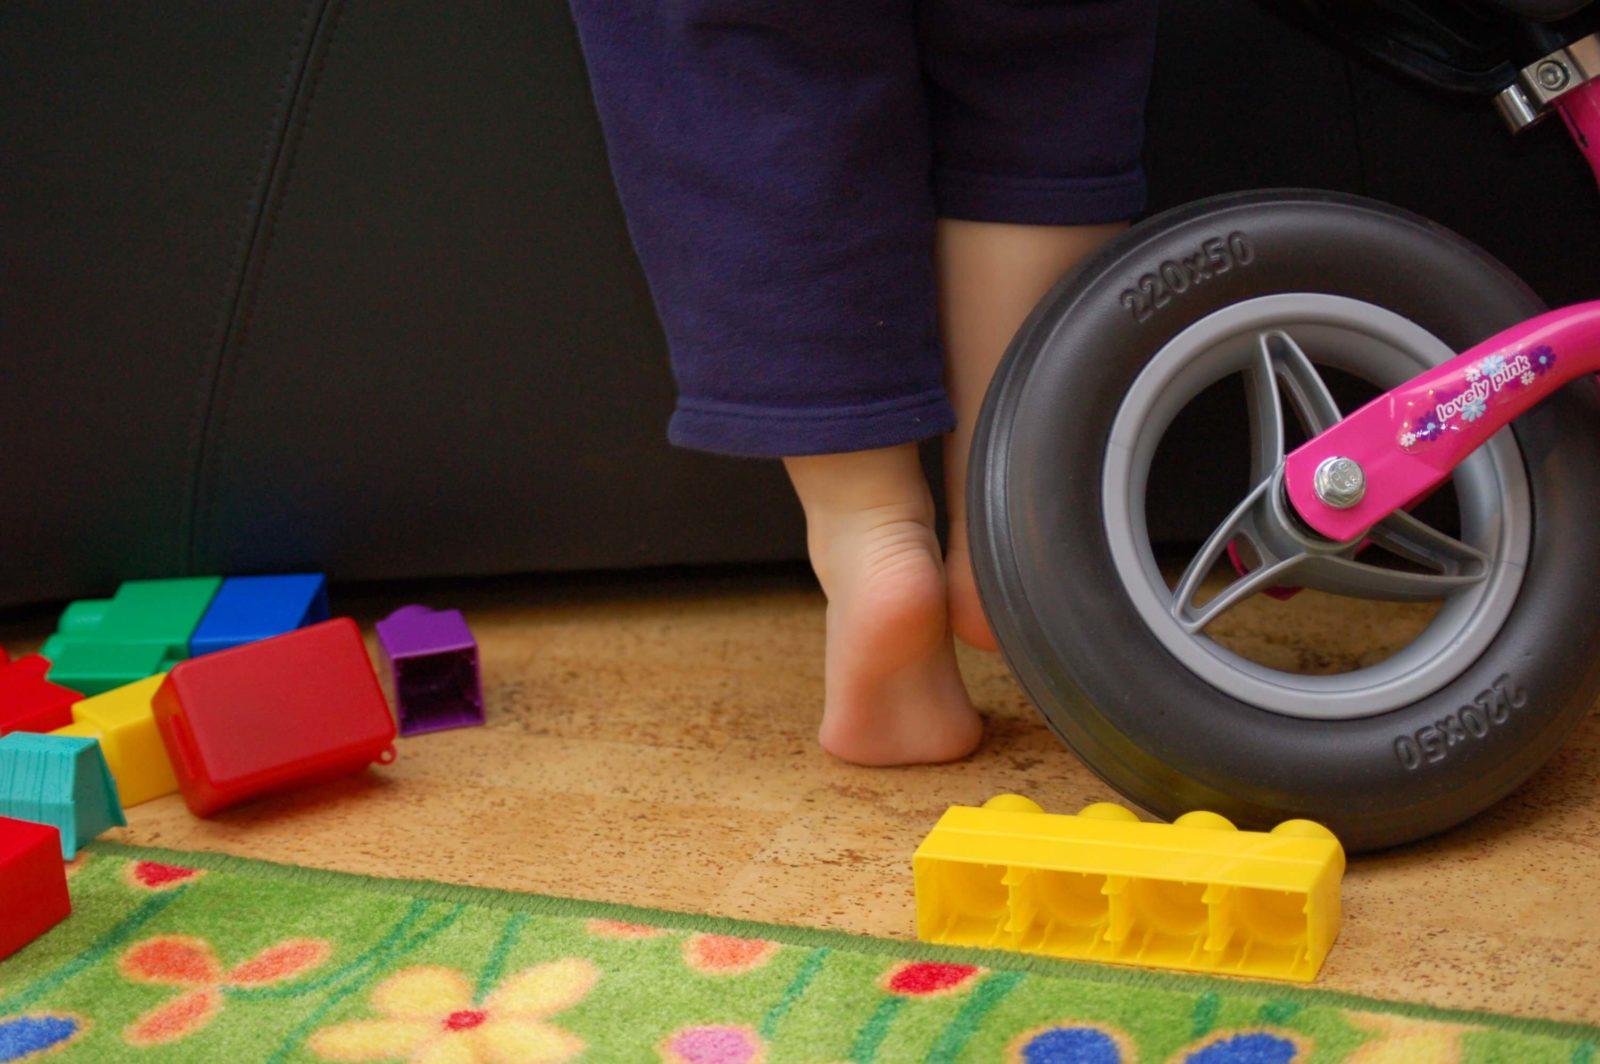 Kinderfuß und Spielzeug